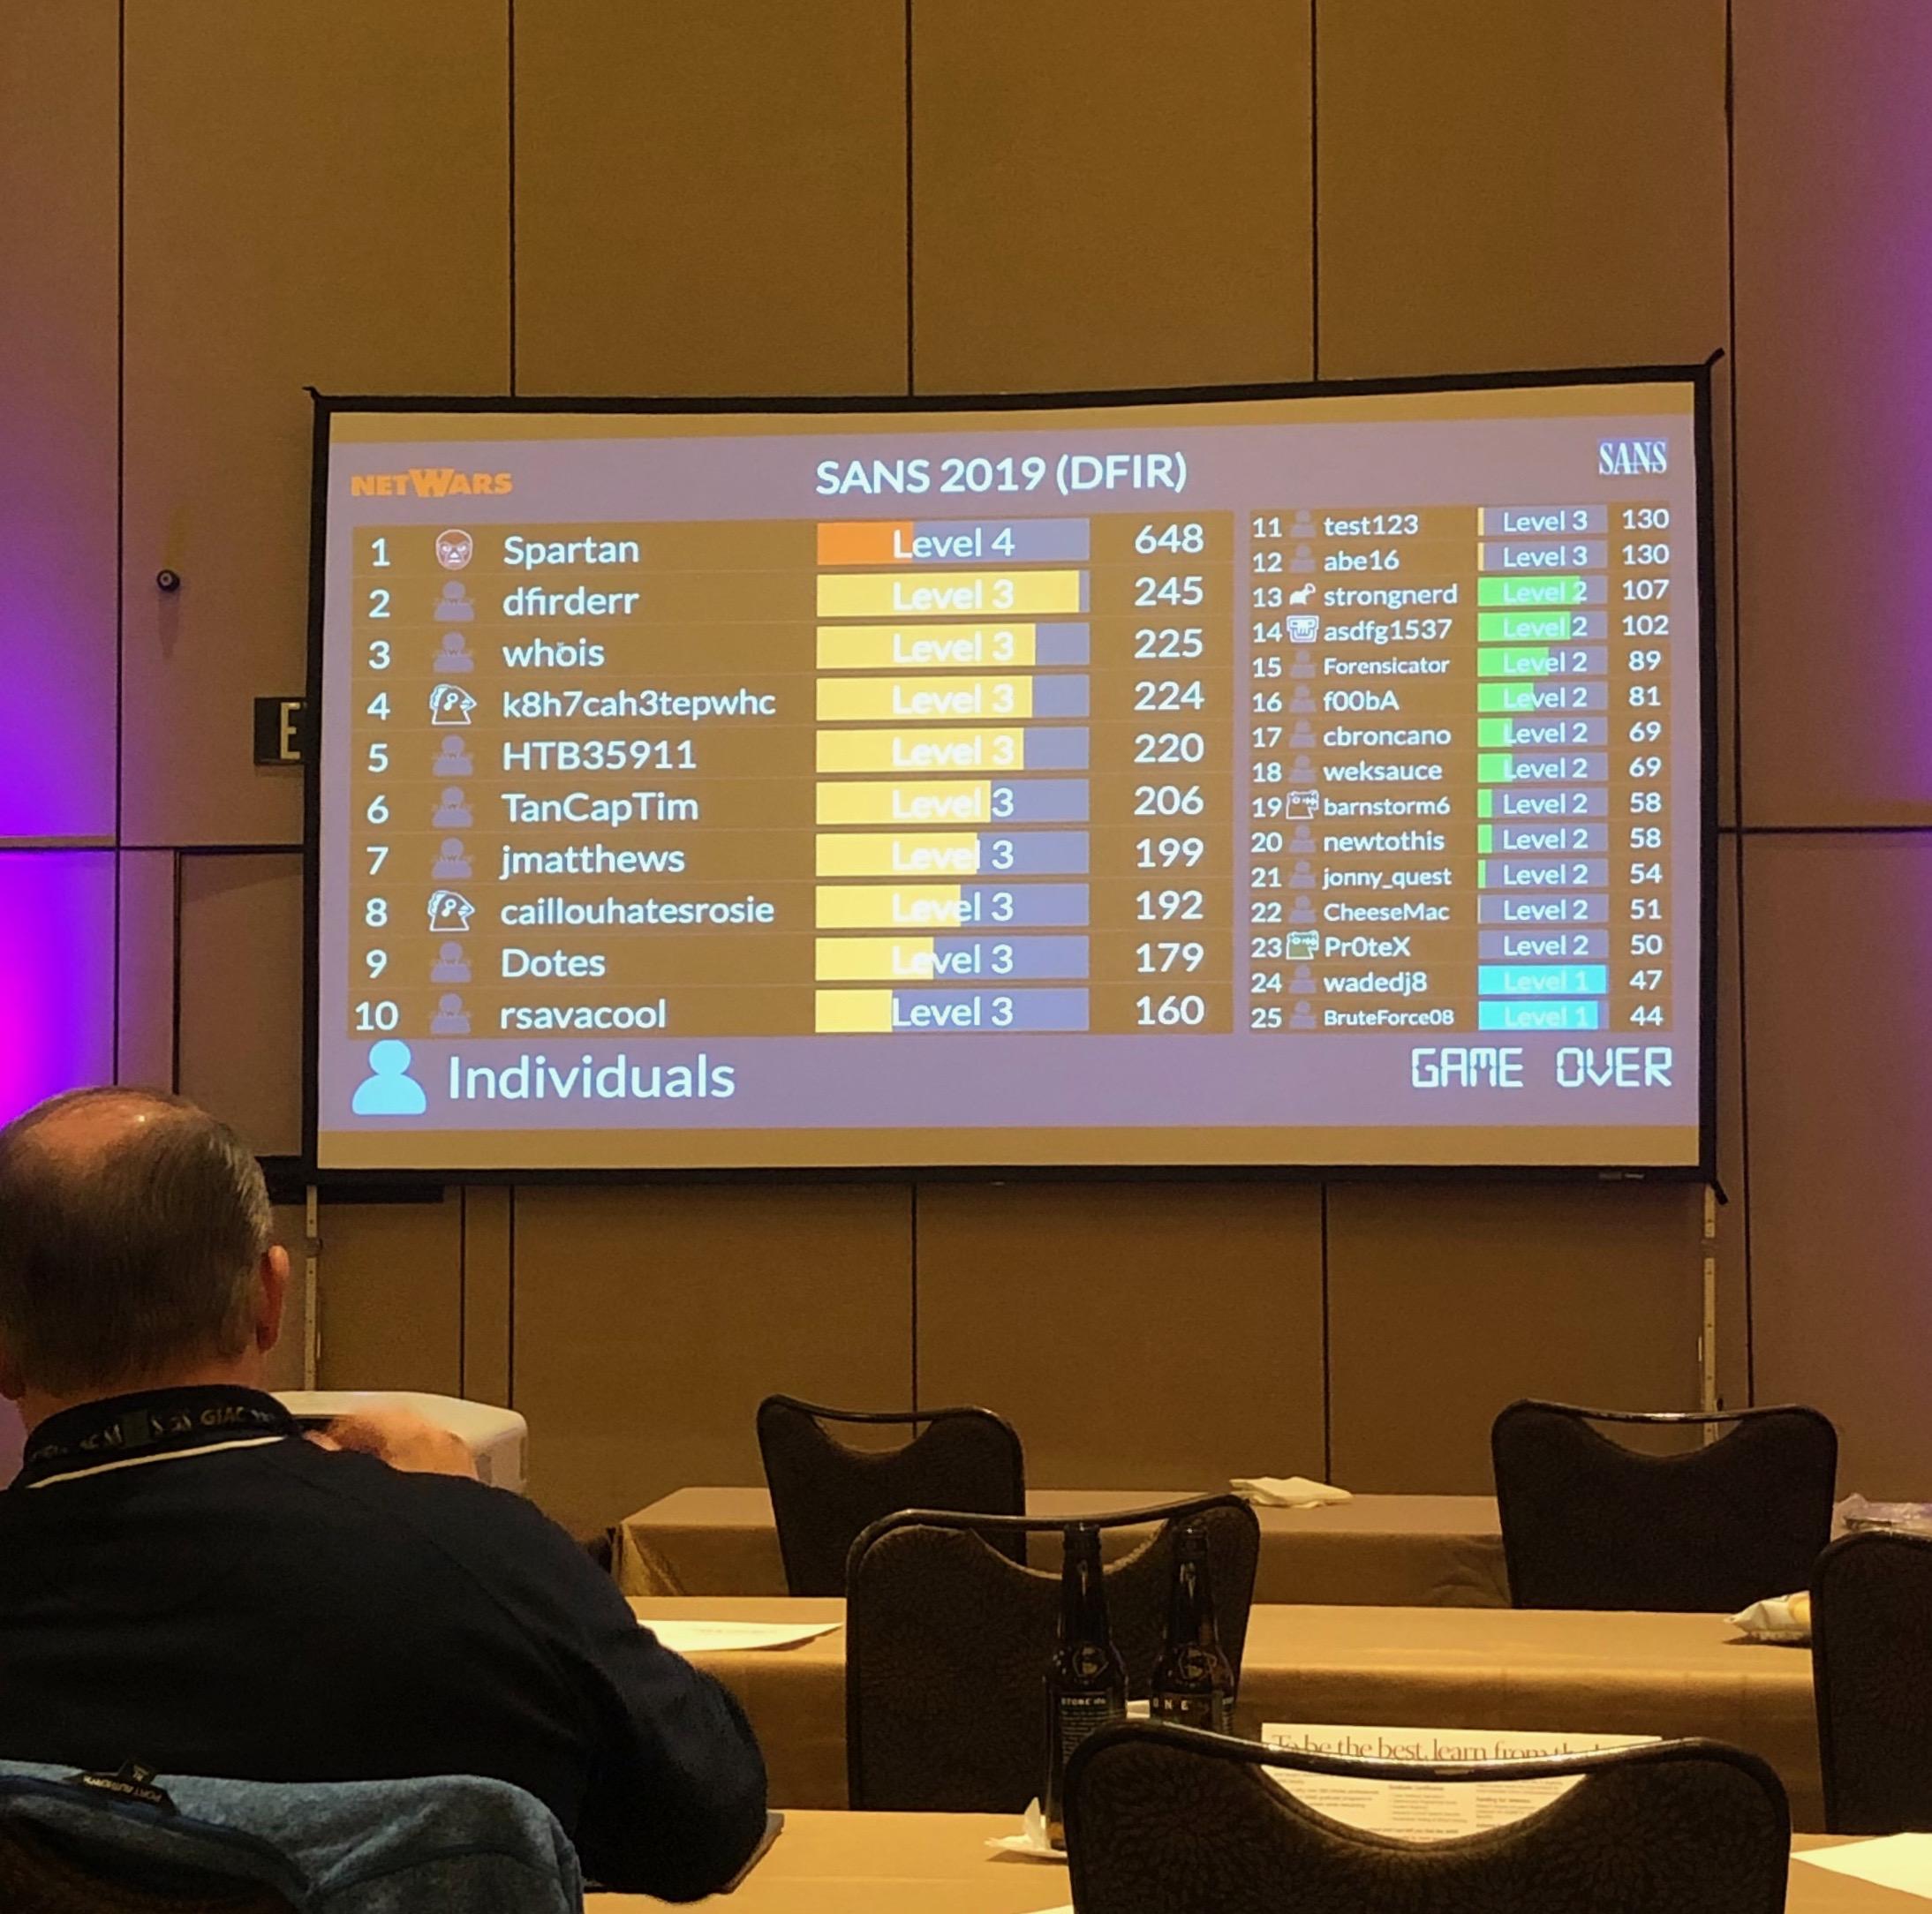 DFIR NetWars scoreboard after the first night